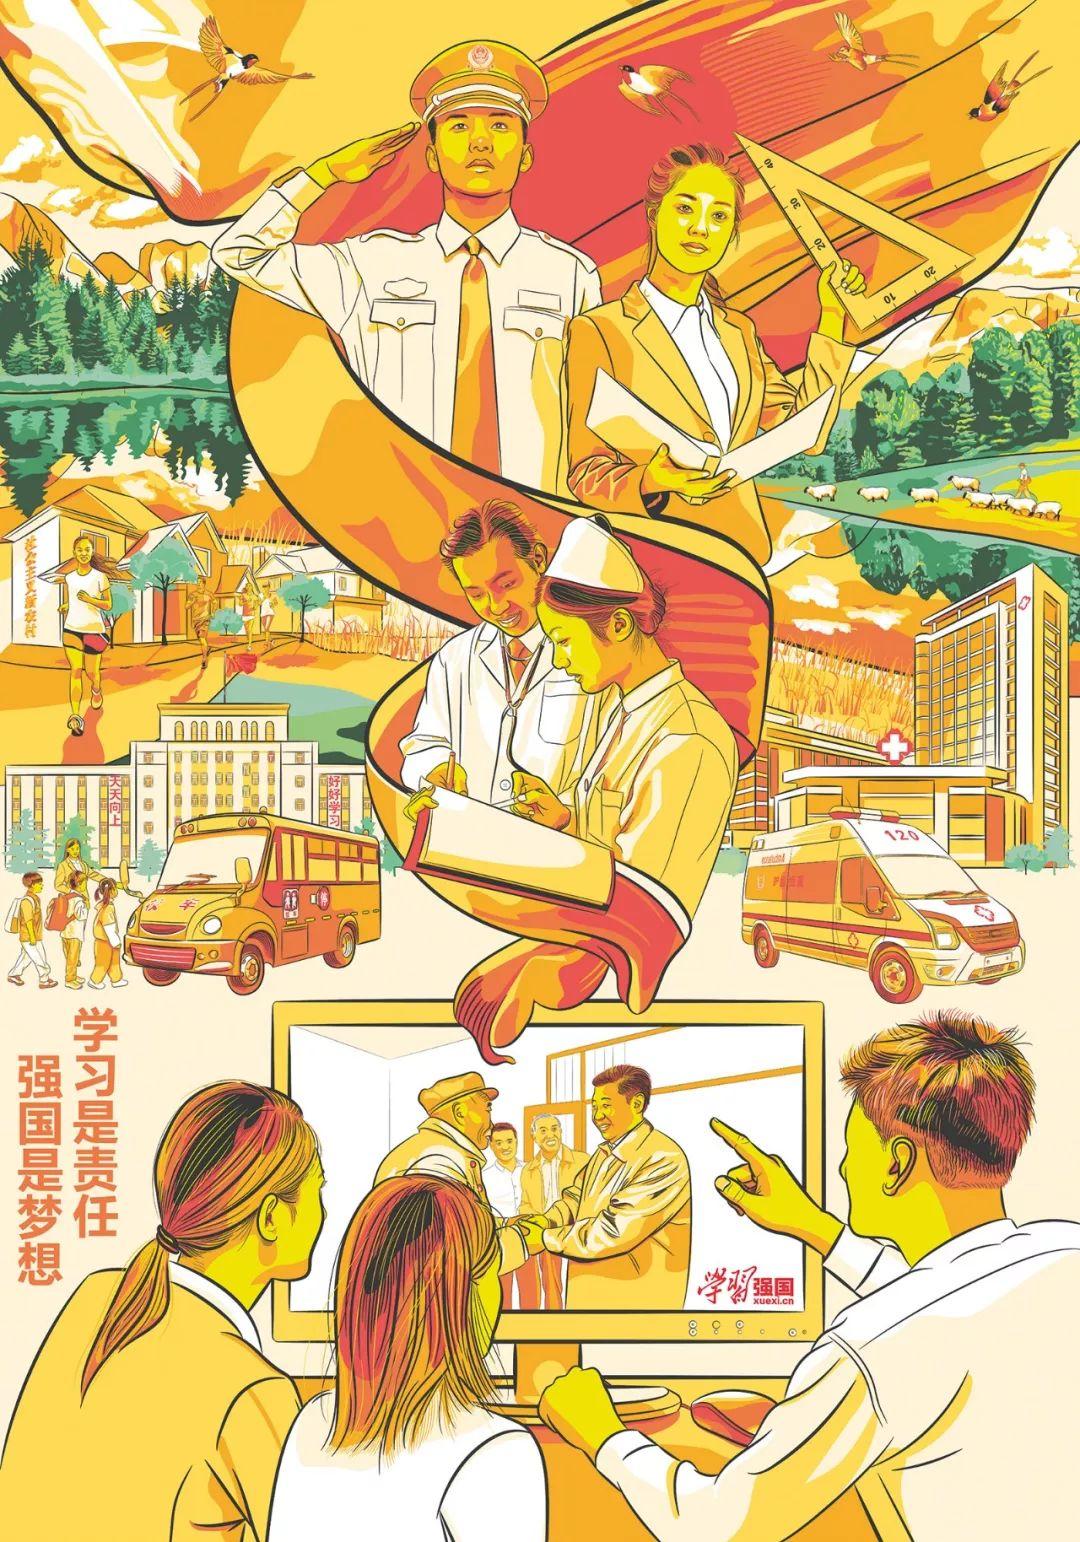 庆祝新中国成立70周年海报/插画获奖作品,太燃了!_祖国